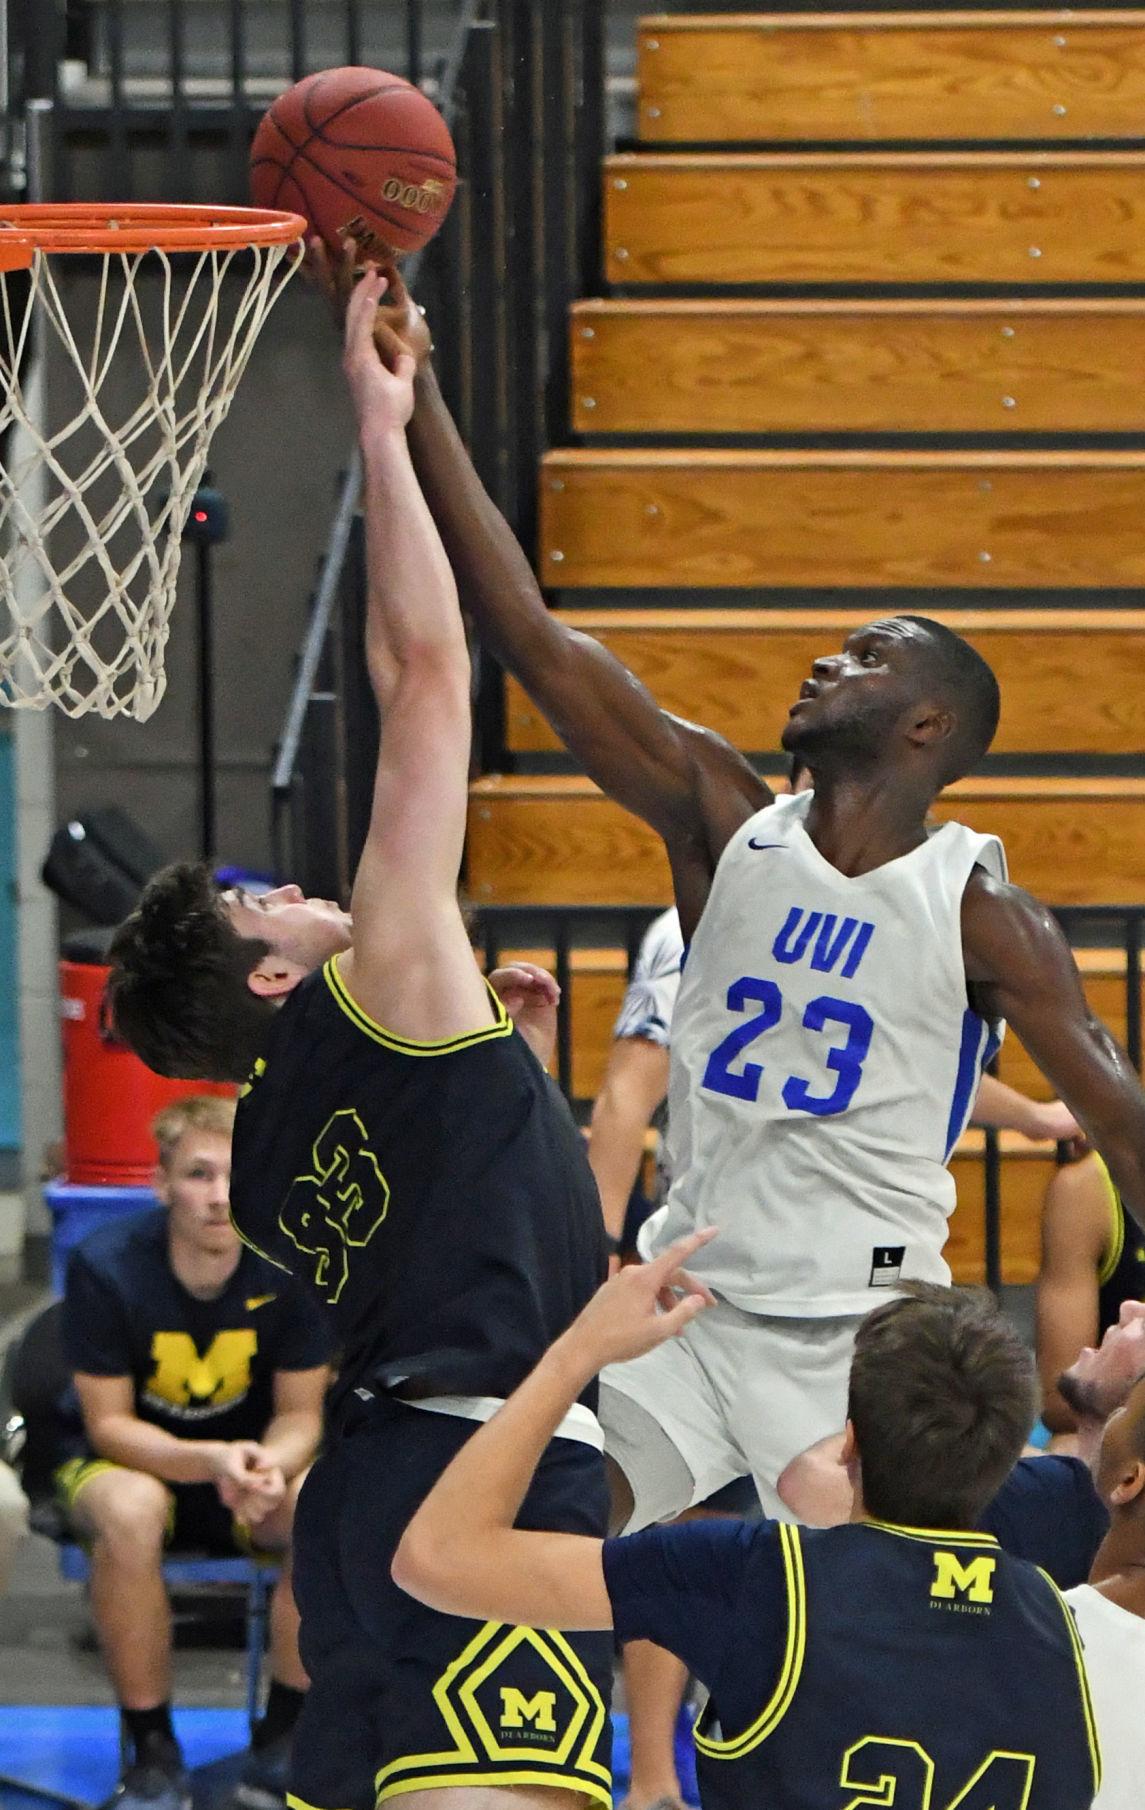 UVI vs Michigan-Dearborn 4